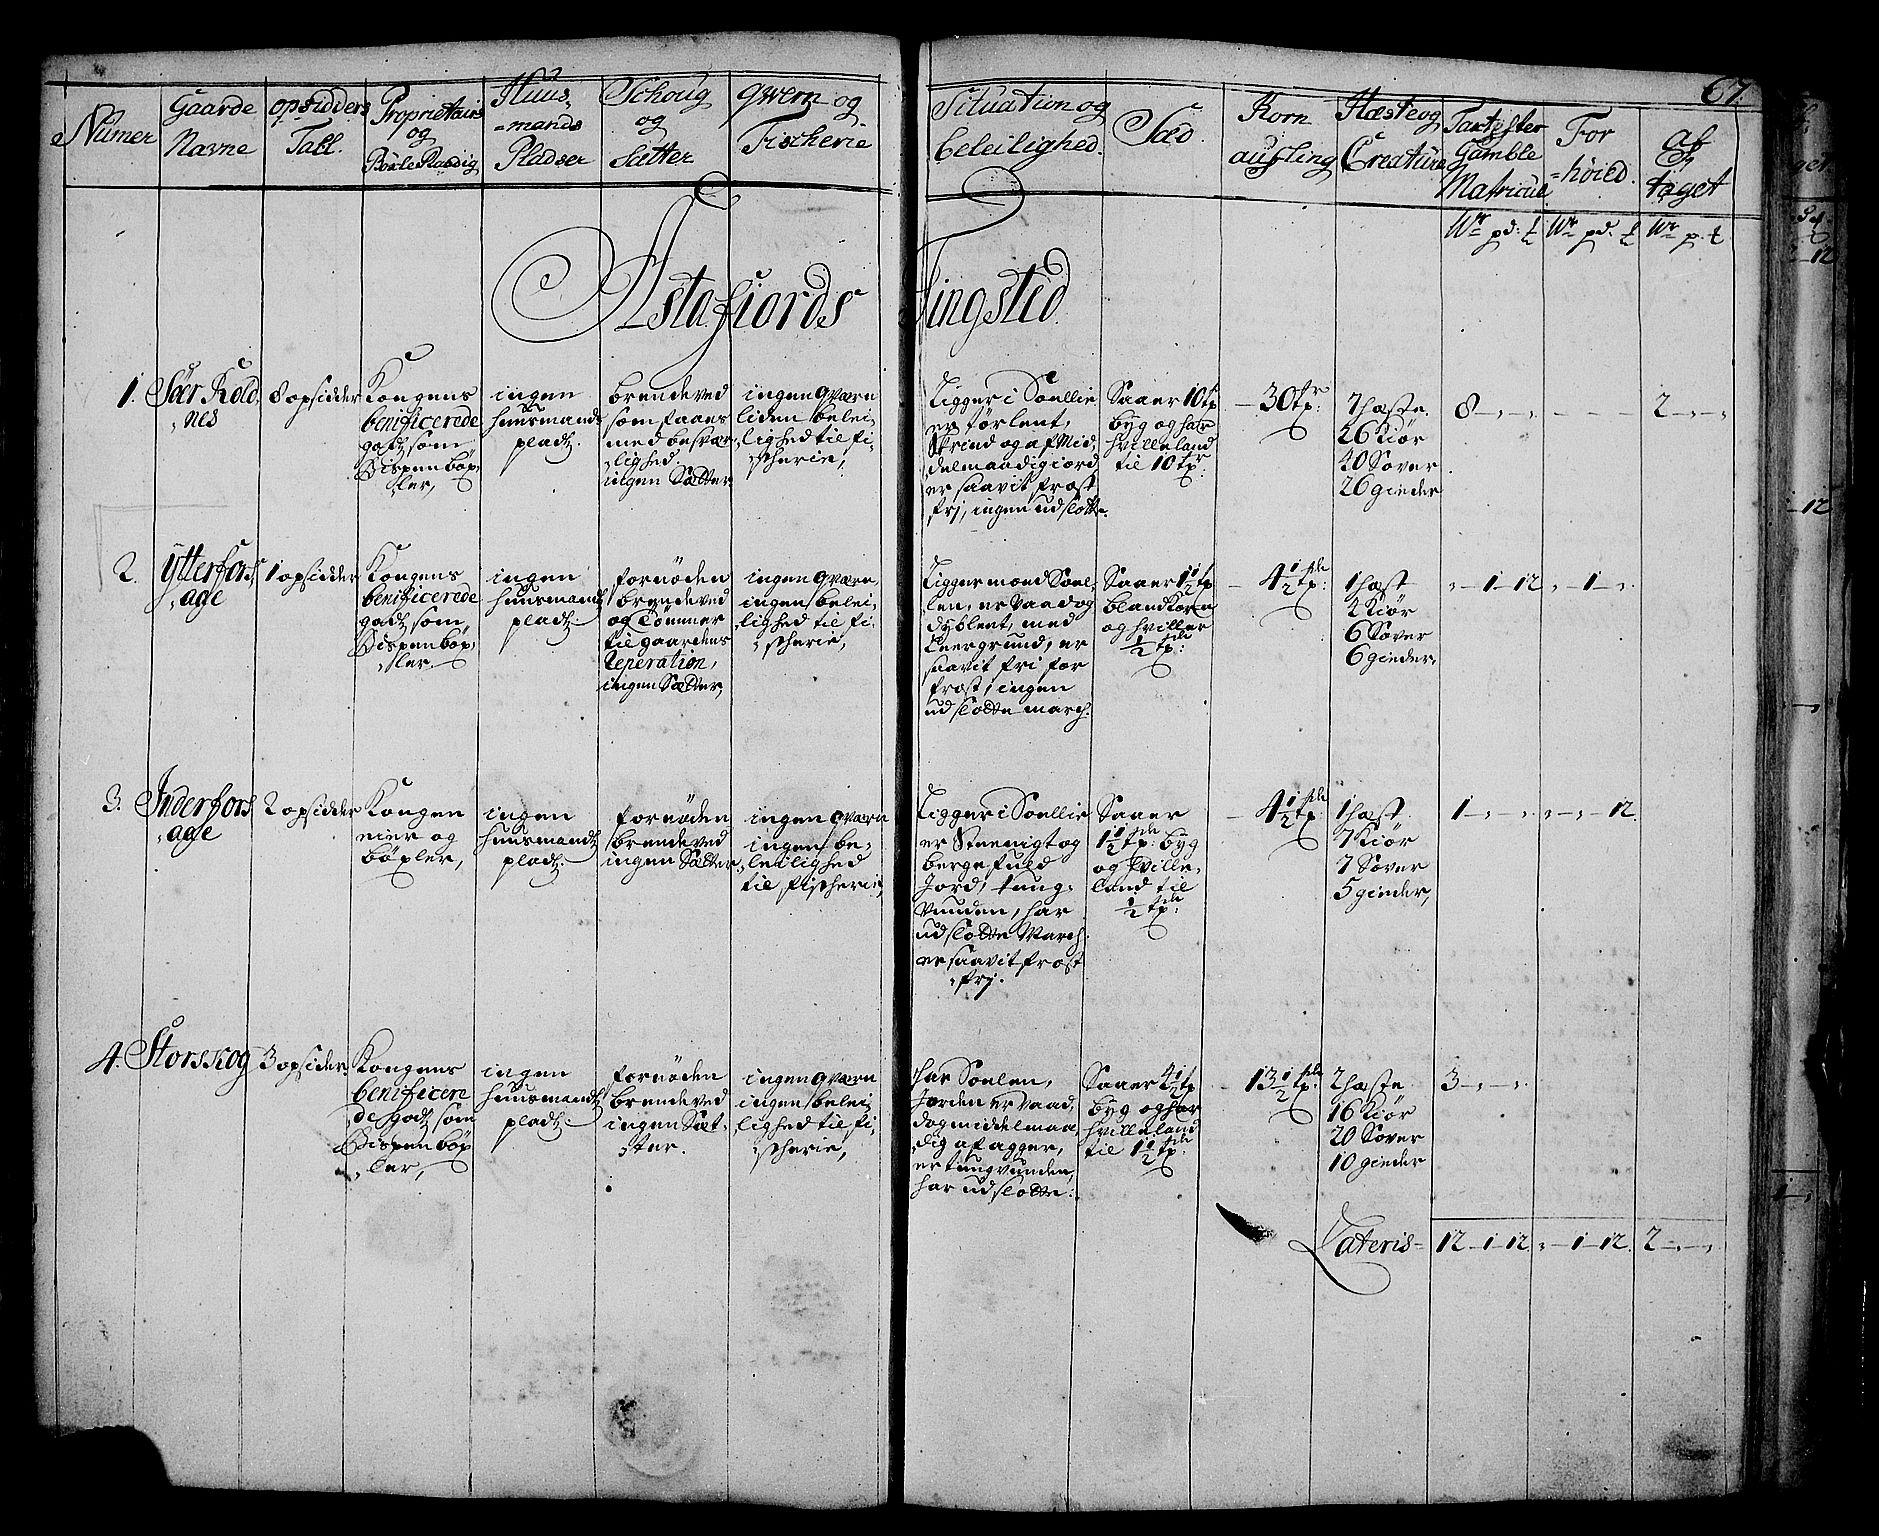 RA, Rentekammeret inntil 1814, Realistisk ordnet avdeling, N/Nb/Nbf/L0178: Senja eksaminasjonsprotokoll, 1723, s. 66b-67a